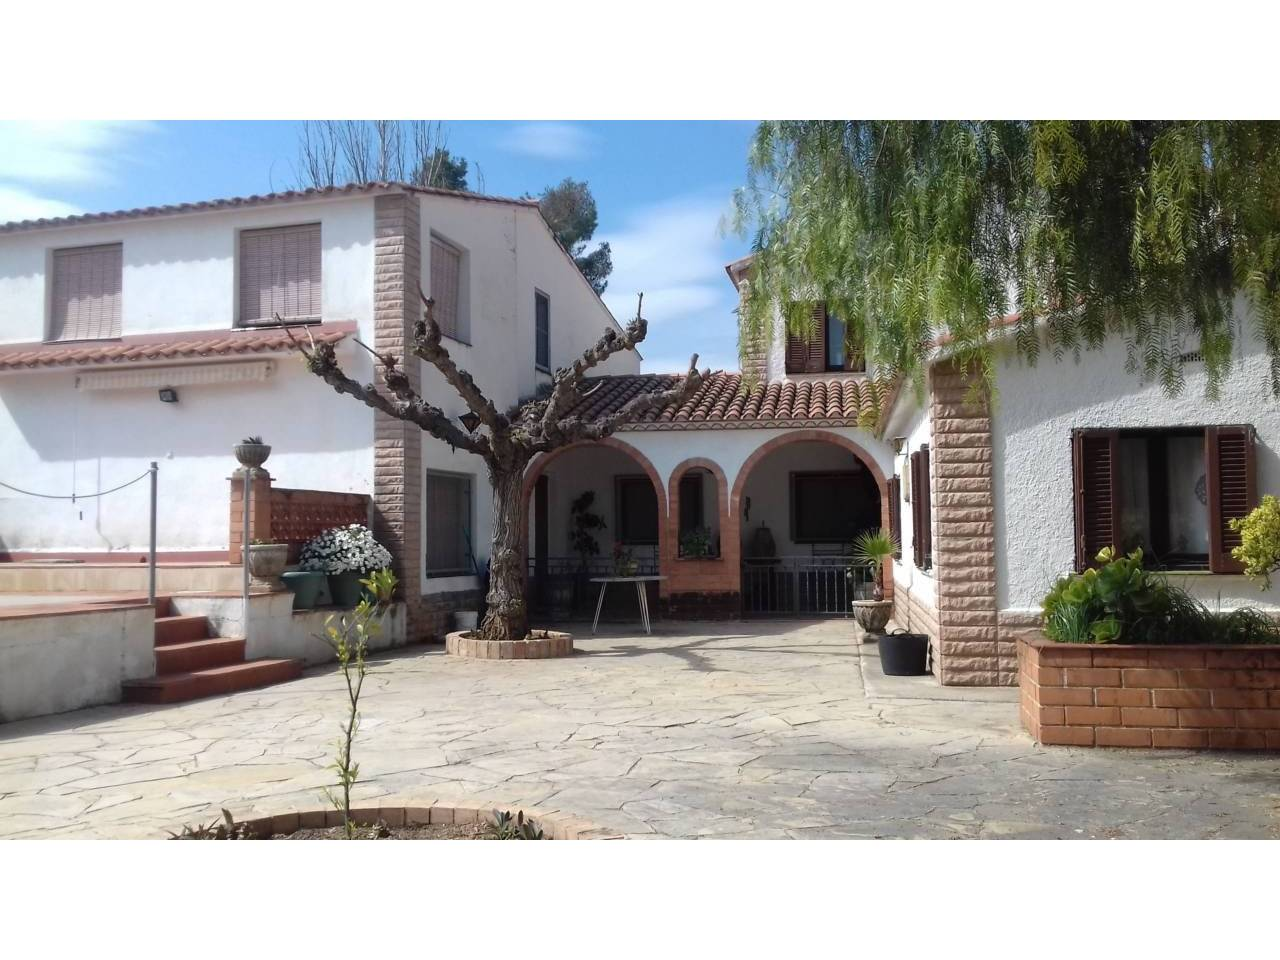 Casa  Carretera el mila a alcover km2. Finca con 2 casas independientes de 250 m² cada una, jardin de 3